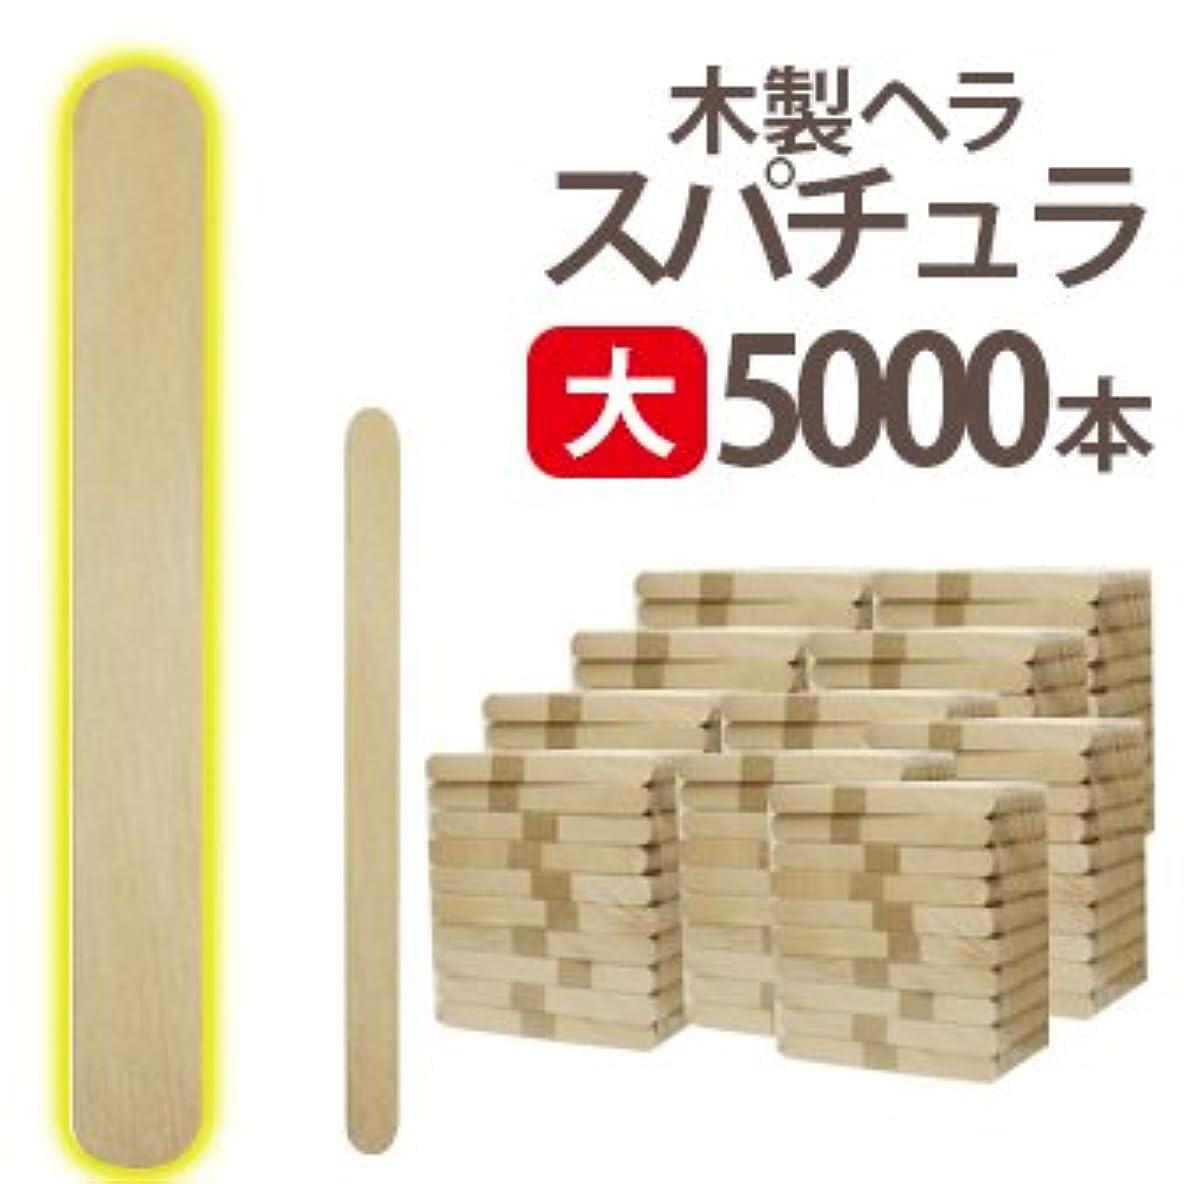 単語ハブブ疑問に思う大 ブラジリアンワックス 業務用5000本 スパチュラ Aタイプ(個別梱包なし 150×16)